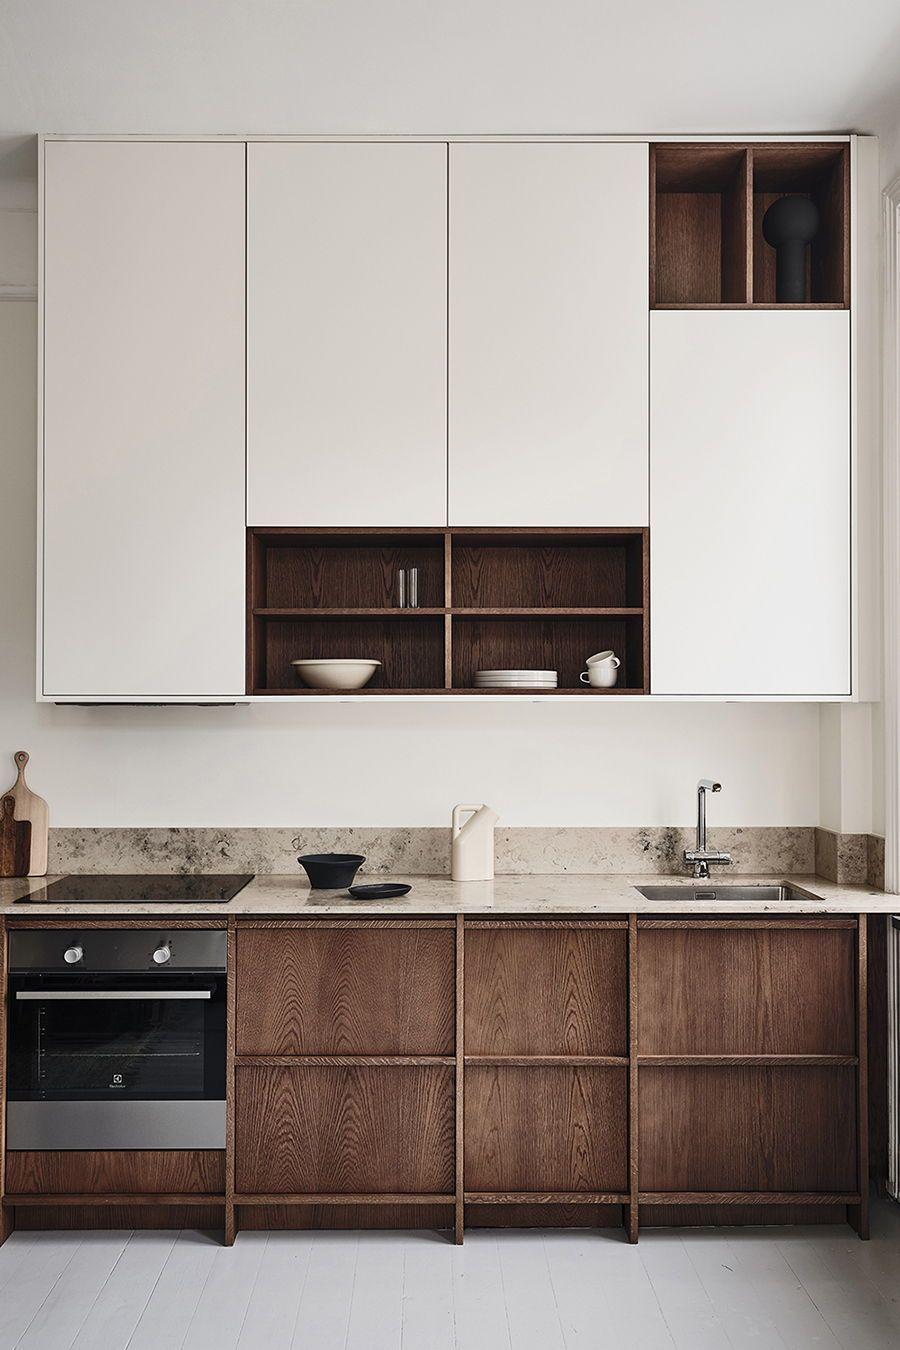 Boho Home Decor In 2020 Home Decor Kitchen Modern Kitchen Design Oak Kitchen